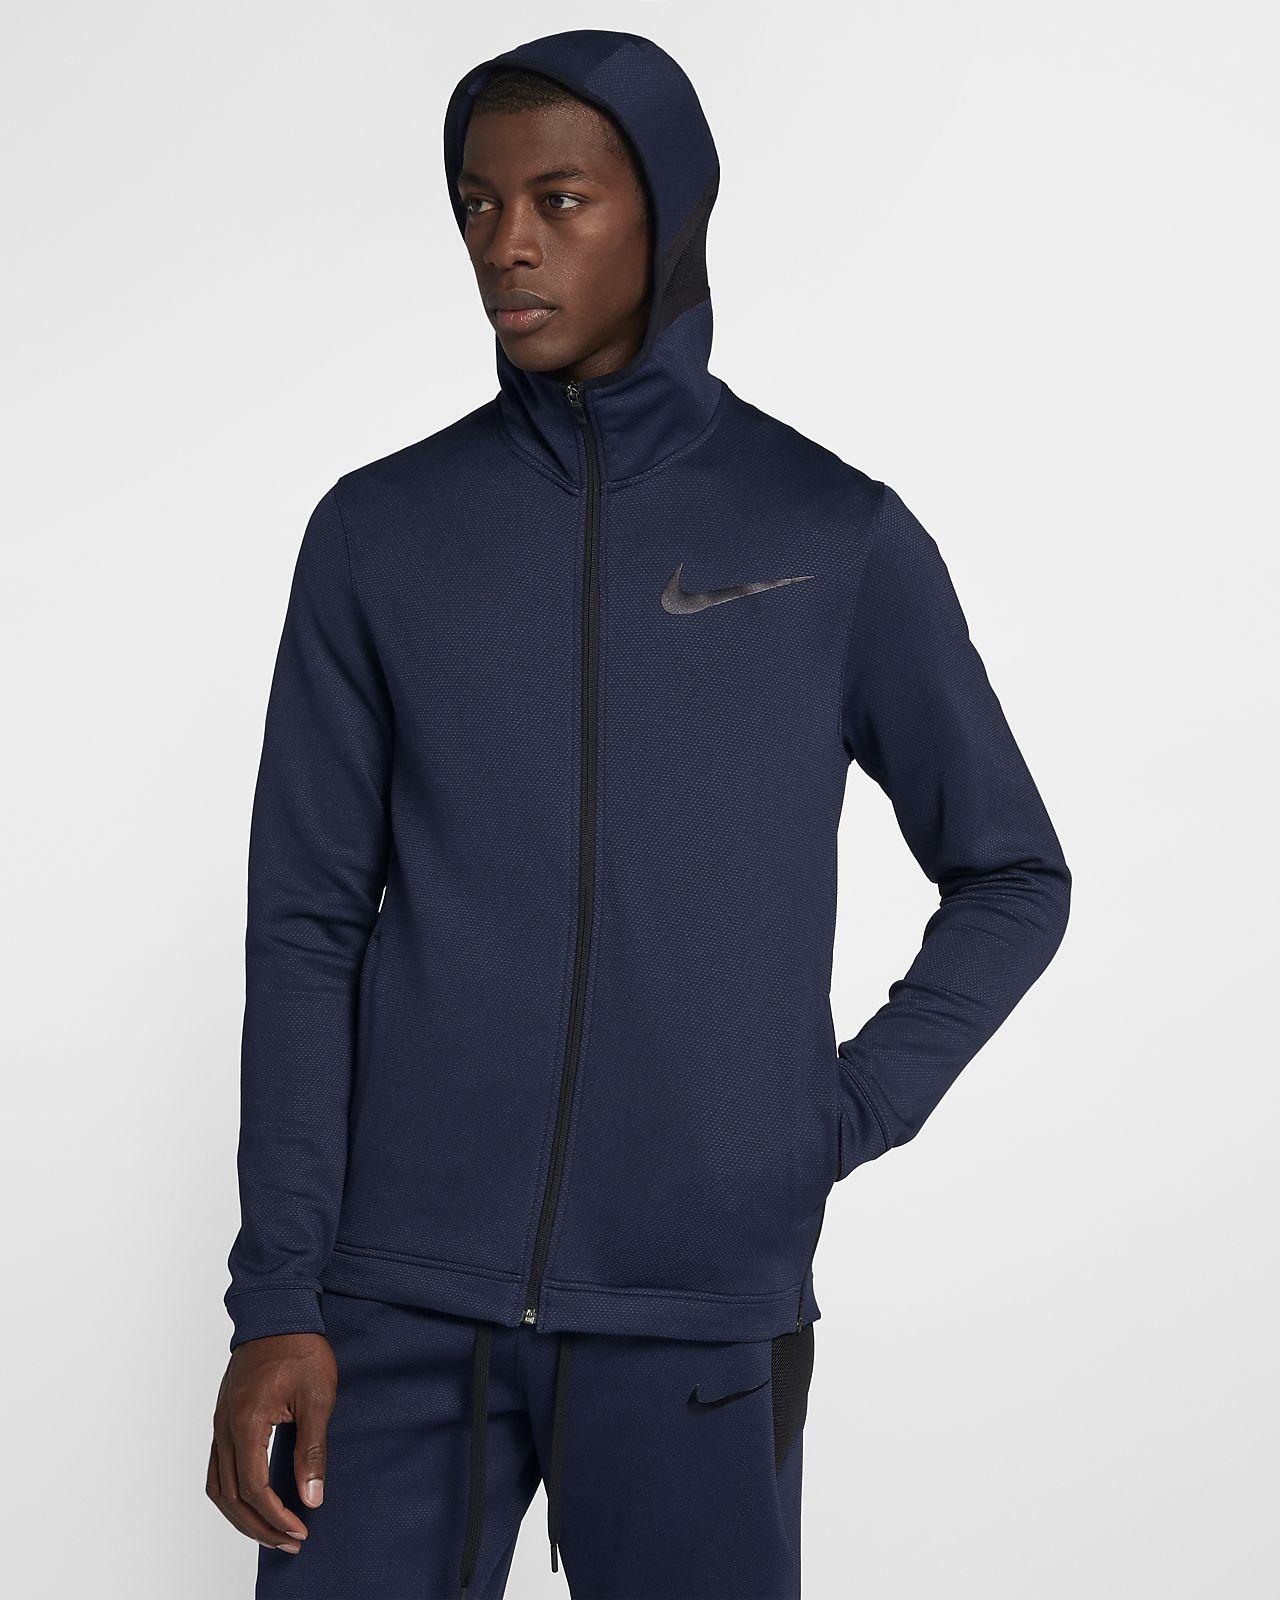 Giacca Nike Therma Sphere Max NeroVoltNeroNero V57c5009